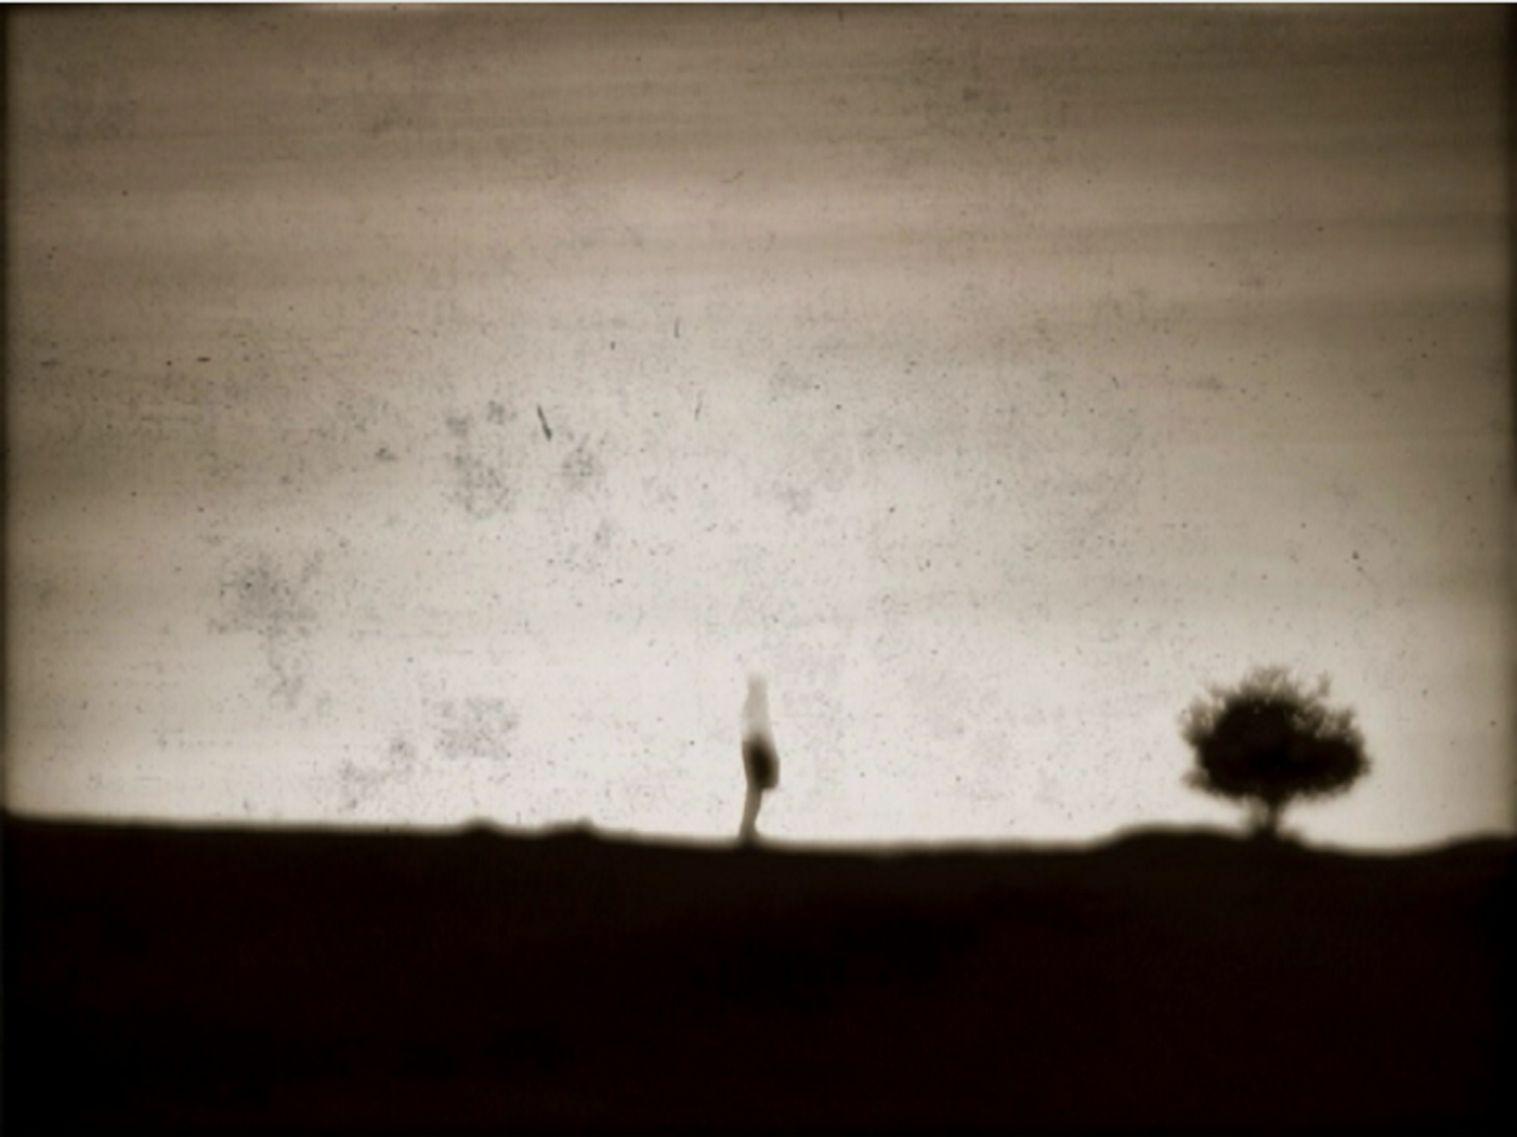 fotogalerie-cat21-57-manwind